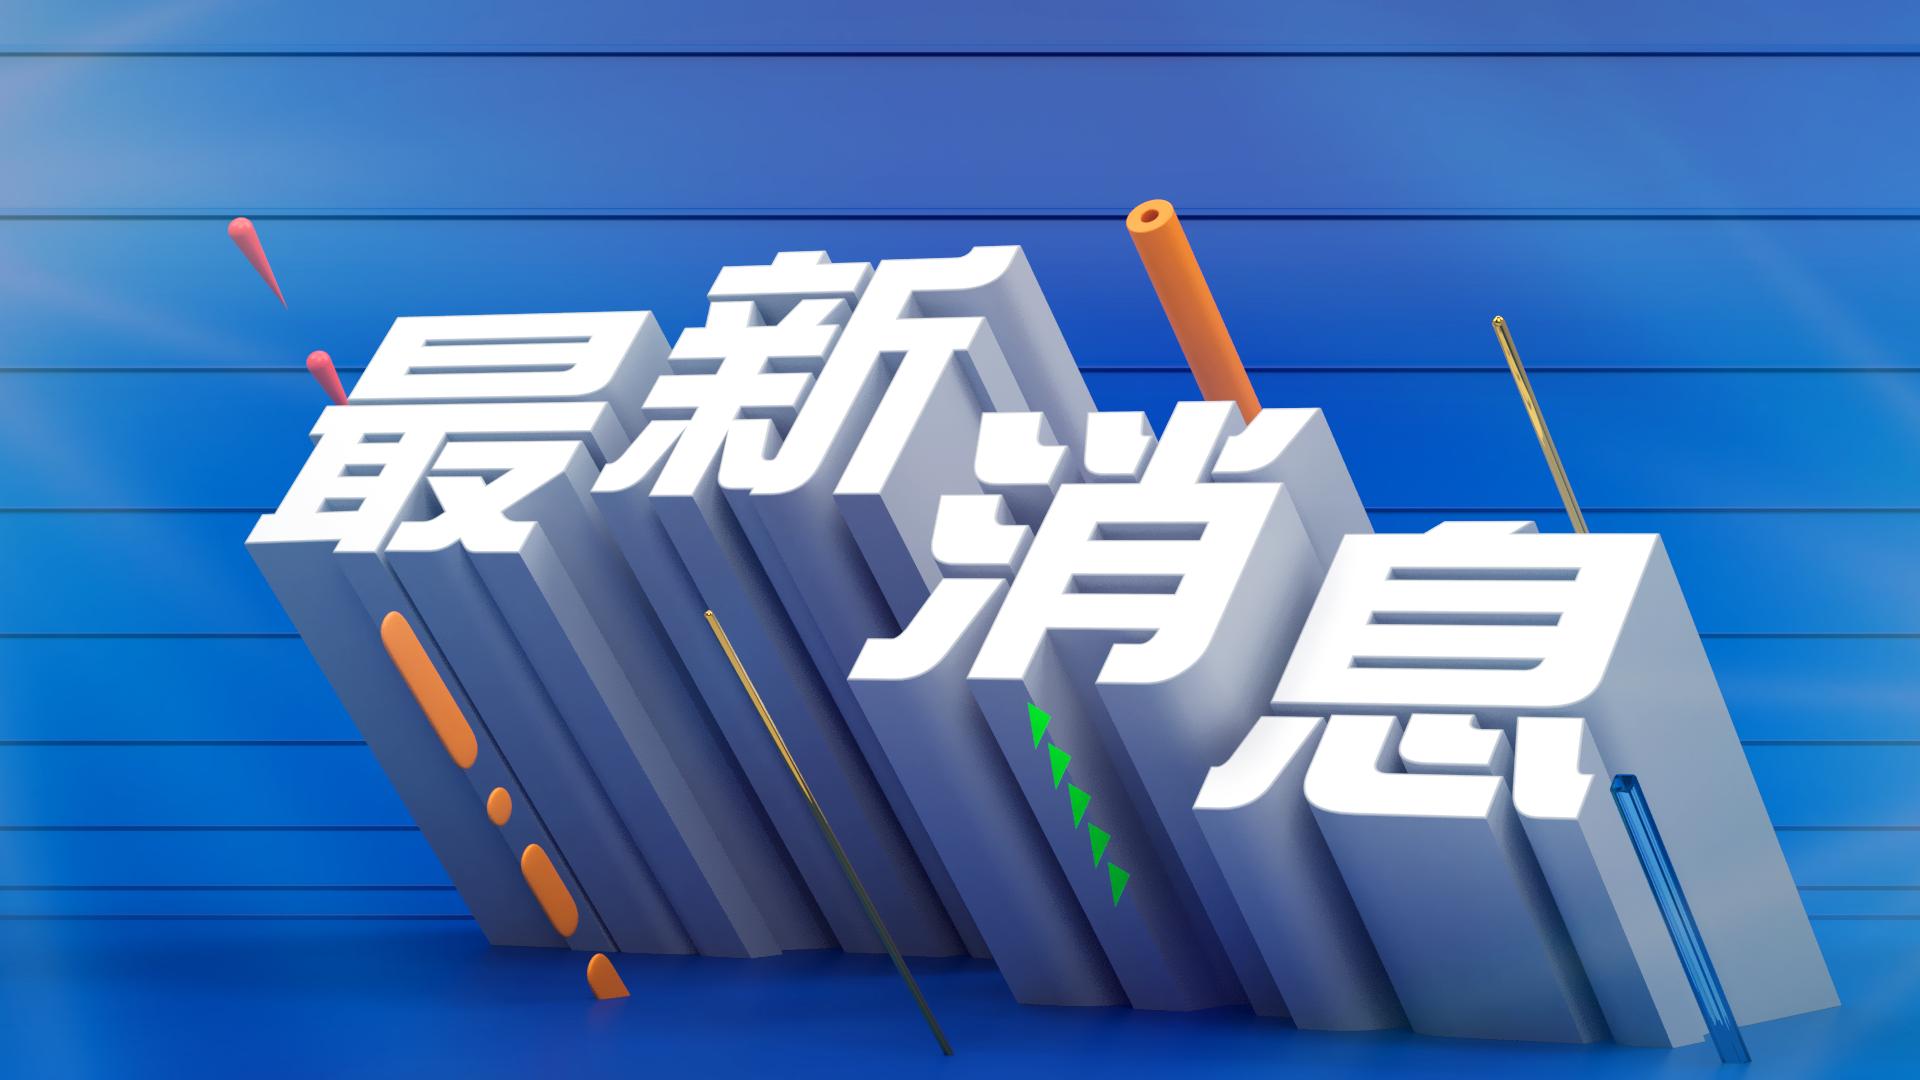 【交通消息】港鐵及巴士停駛及改道安排 (23:15)